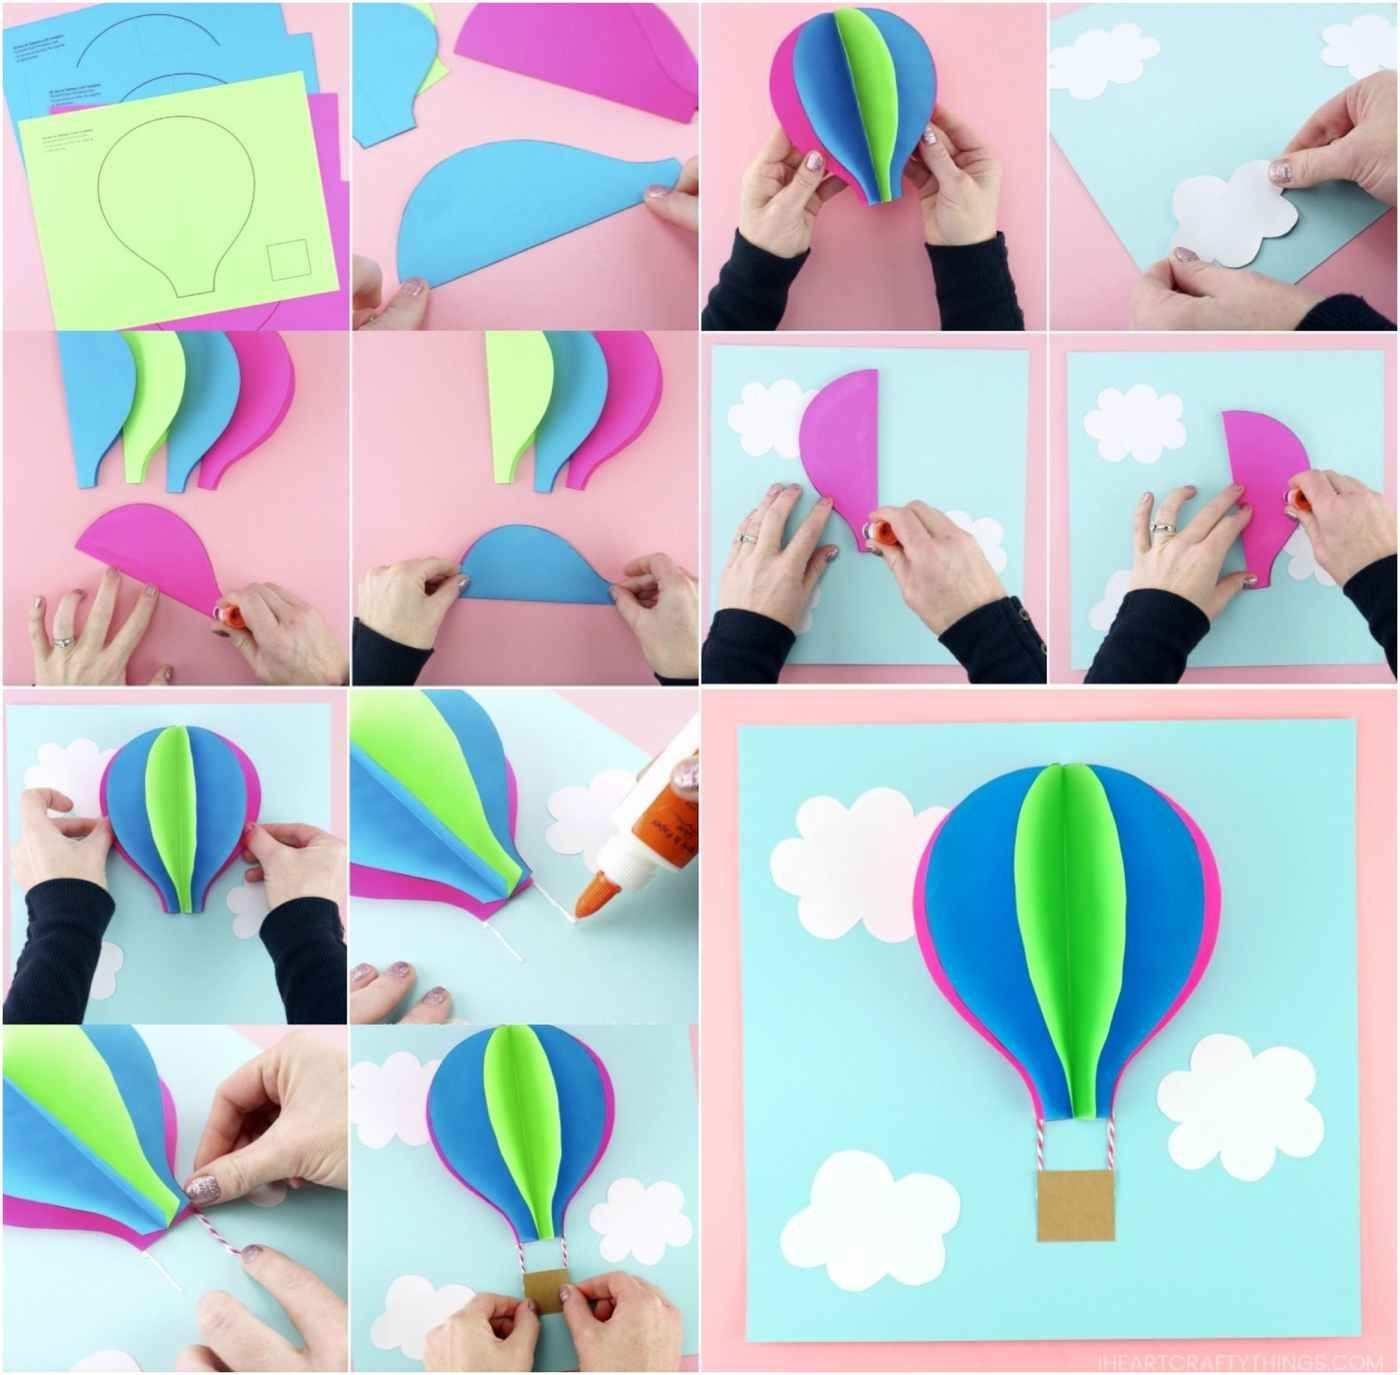 Heissluftballon Basteln 10 Ideen Zur Hochzeit Geburt Oder Als Kostum Heissluftballon Basteln Heissluftballon Basteln